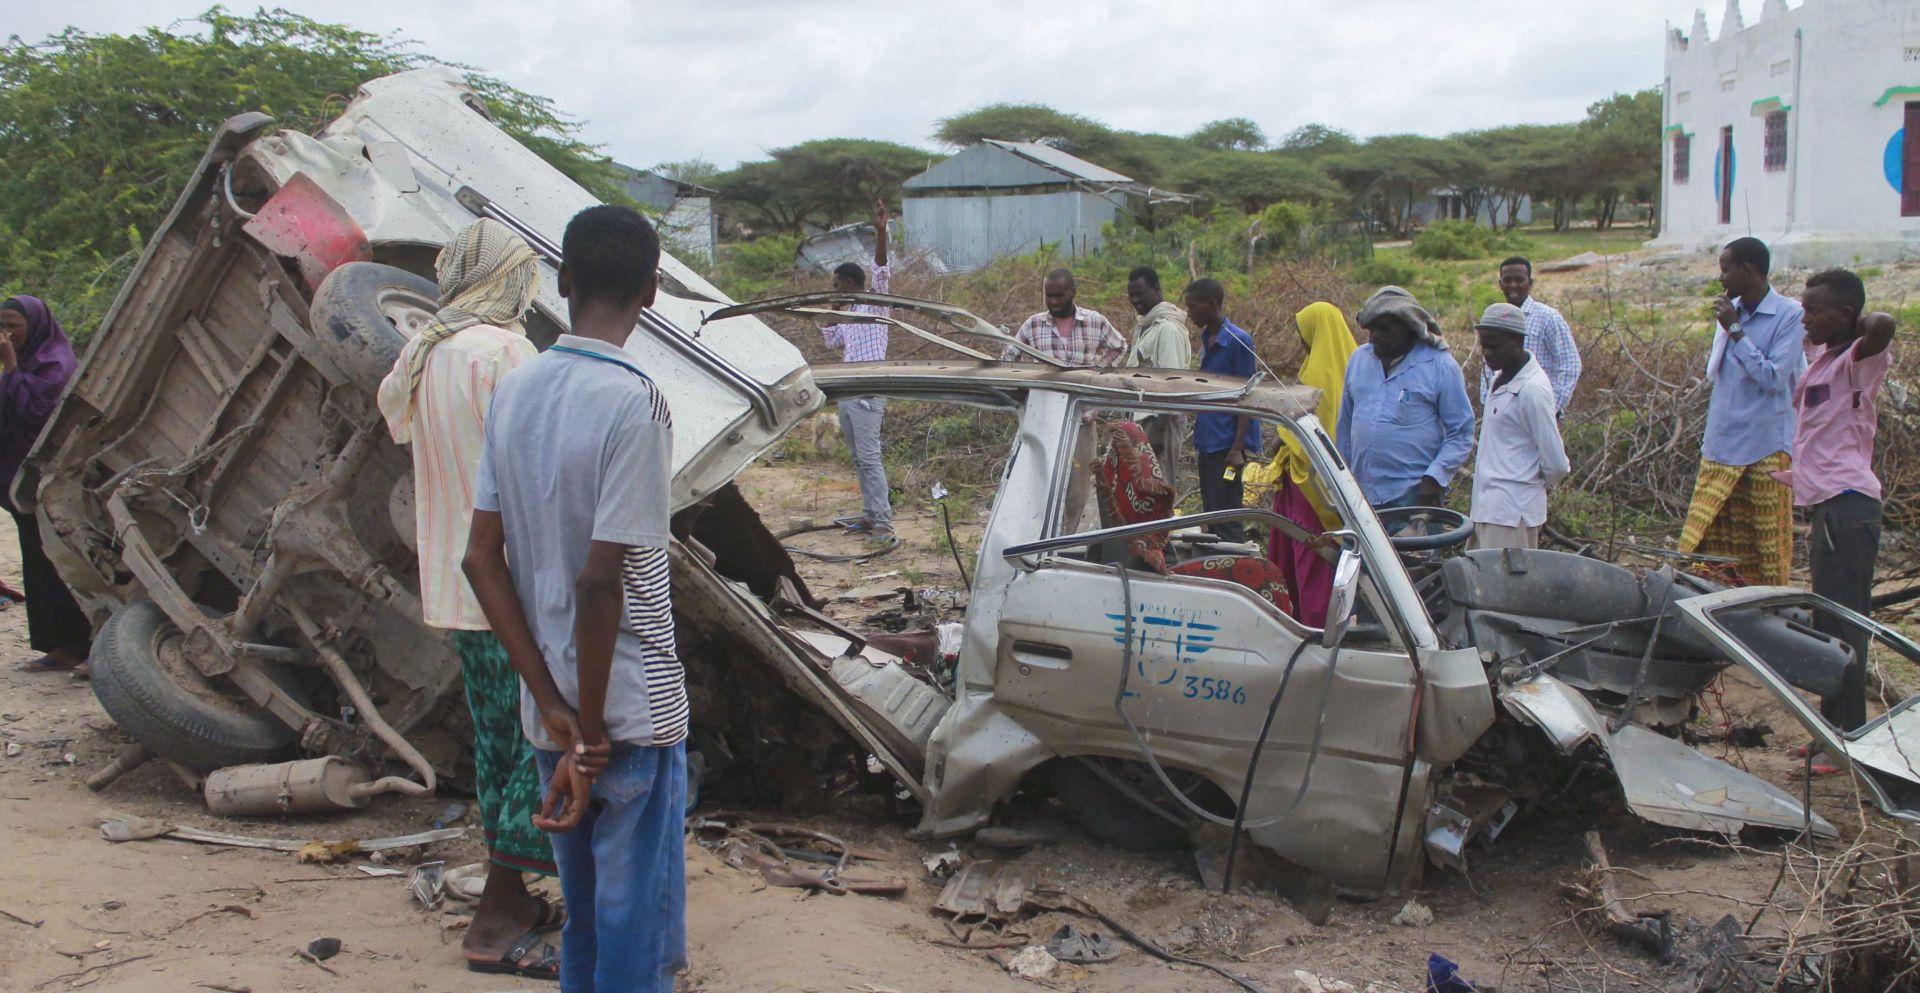 DVIJE EKSPLOZIJE U MOGADISHUU Al-Shabab napao bazu Afričke unije, najmanje sedam ubijenih